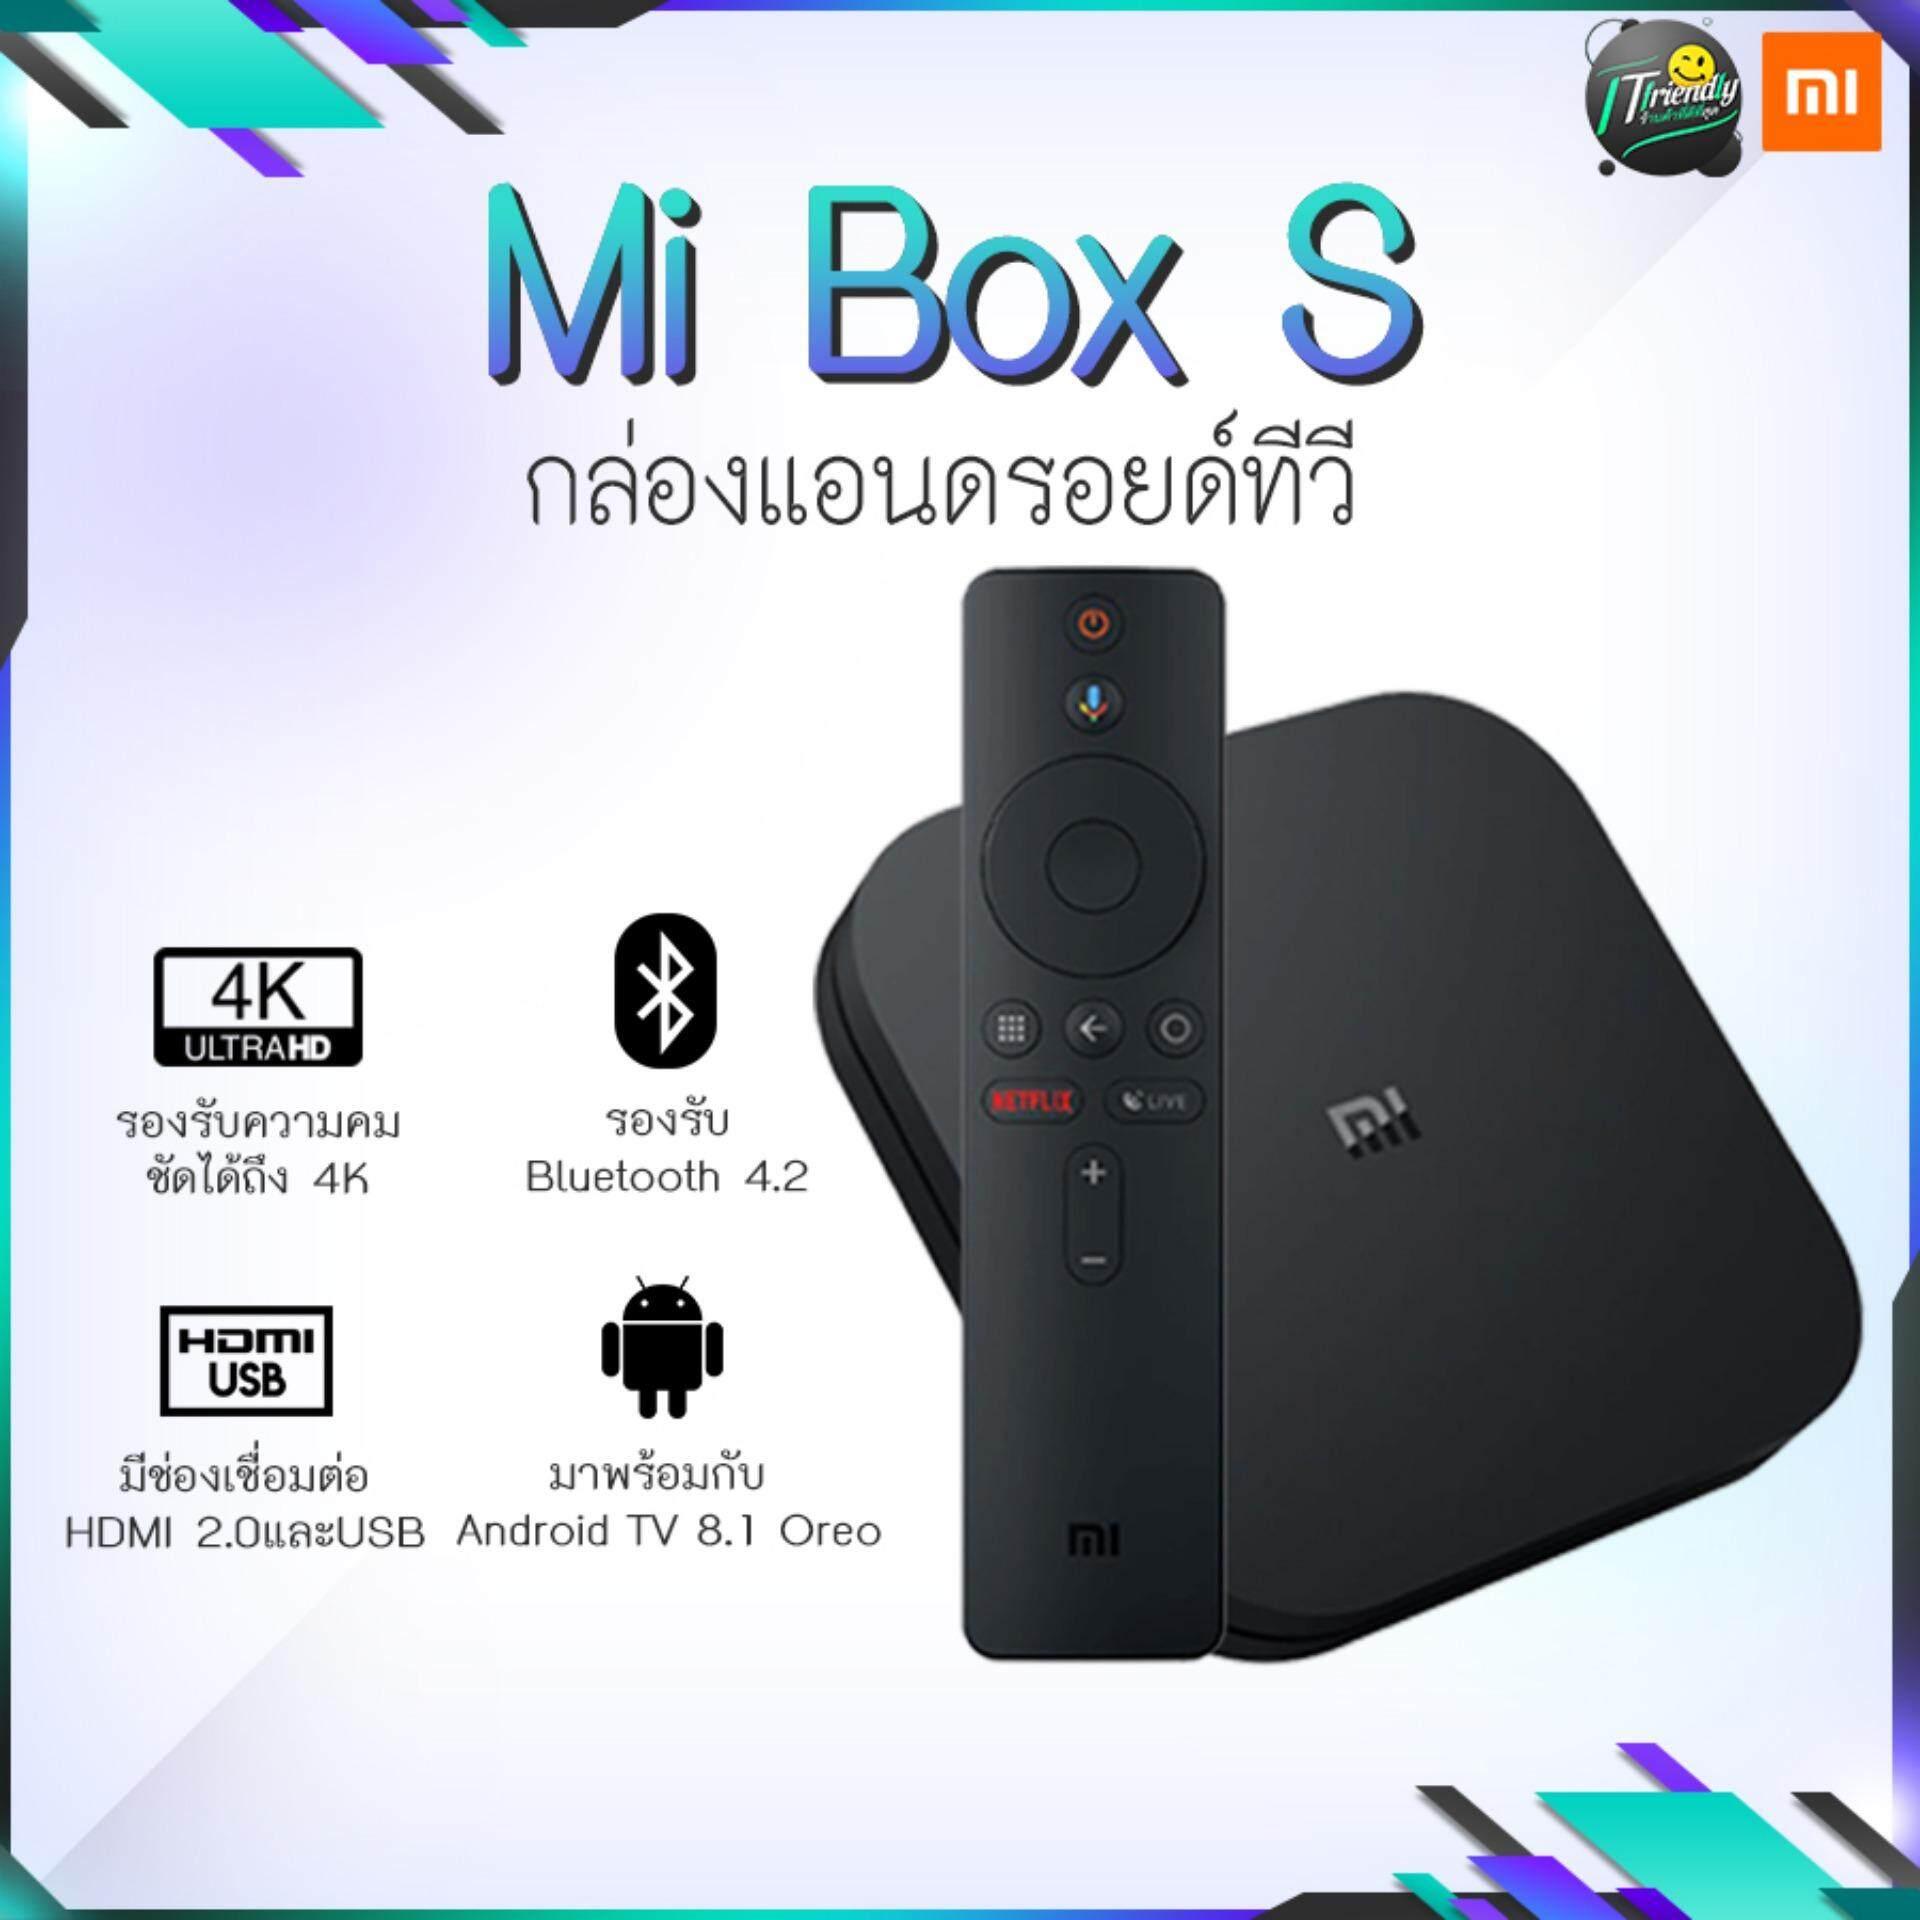 ยี่ห้อนี้ดีไหม  บึงกาฬ Xiaomi Mi Box S รุ่นใหม่  Global Version - รองรับภาษาไทย android TV 8.1 หลากหลายฟังชั่นการใช้งาน